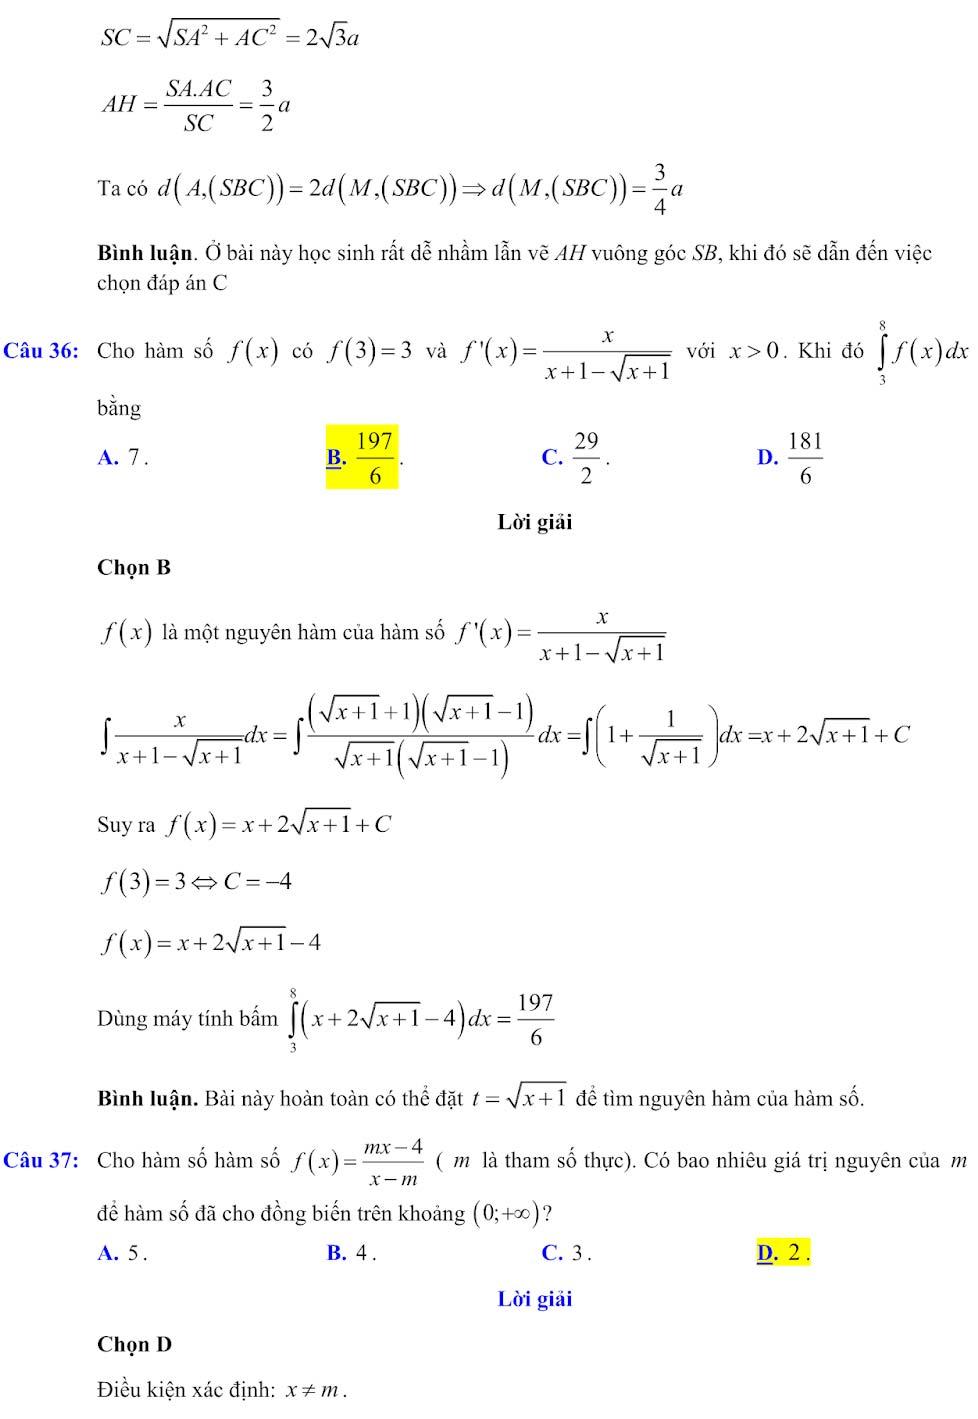 Đáp án đề minh họa thi thpt quốc gia môn toán 2020 lần 1_12